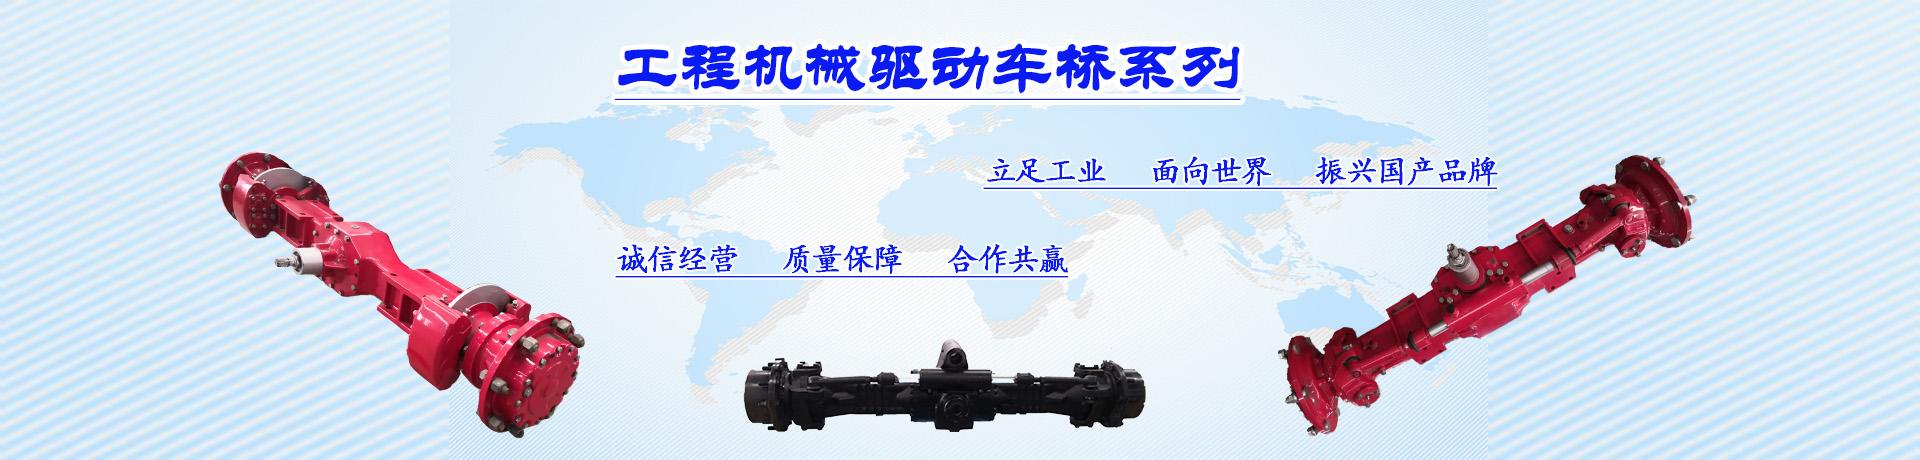 工程机械车桥系列